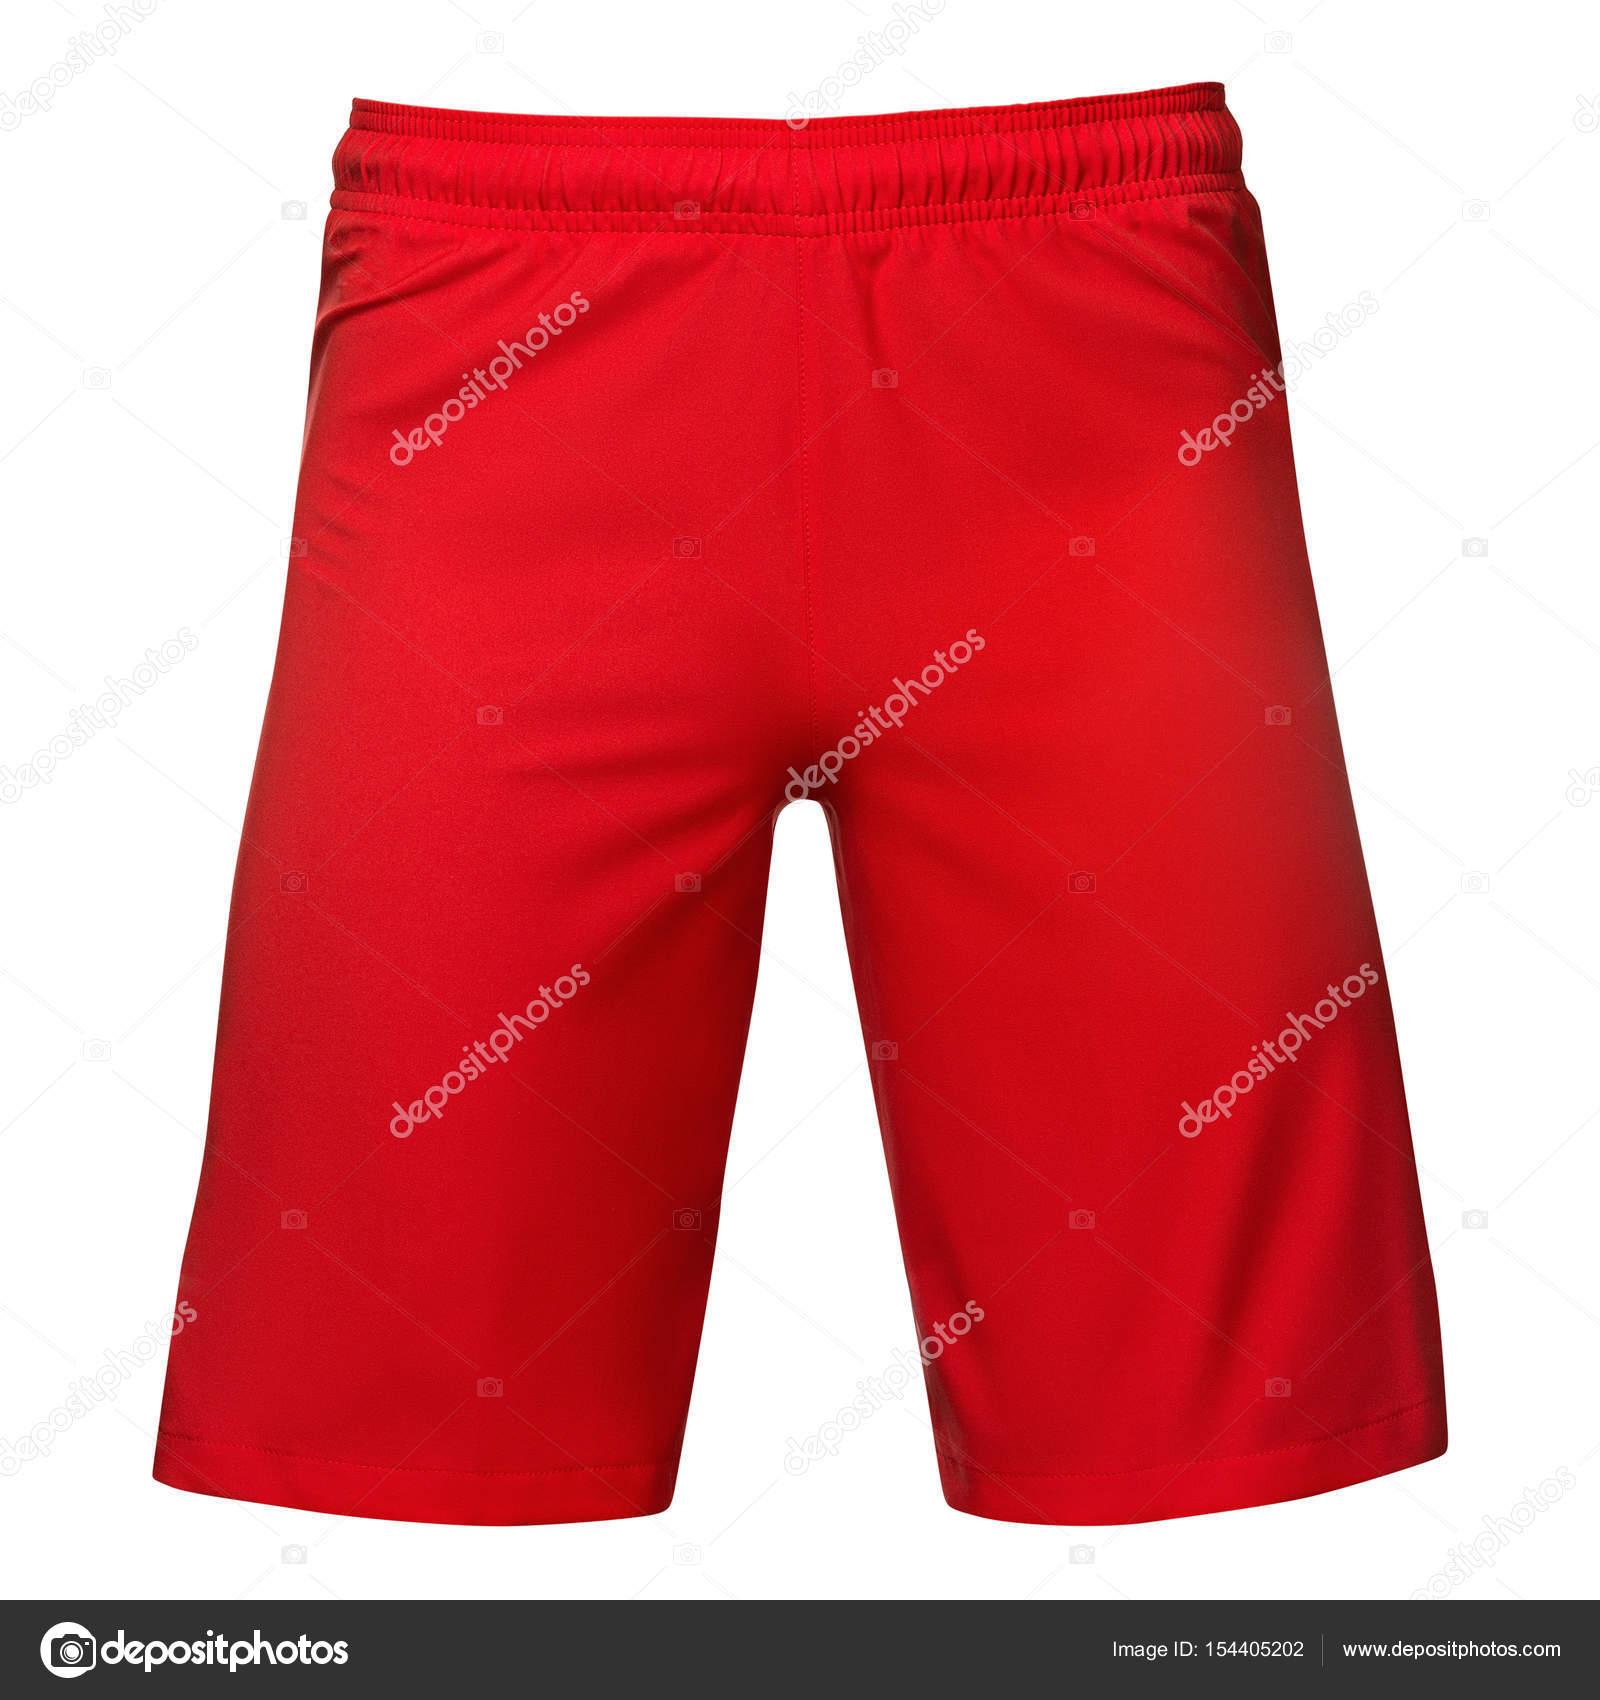 9b9abc5ea8 Rojo de deporte para hombre pantalones cortos, aislados sobre fondo blanco  - imágenes: calzones rojos — Foto de Ra33